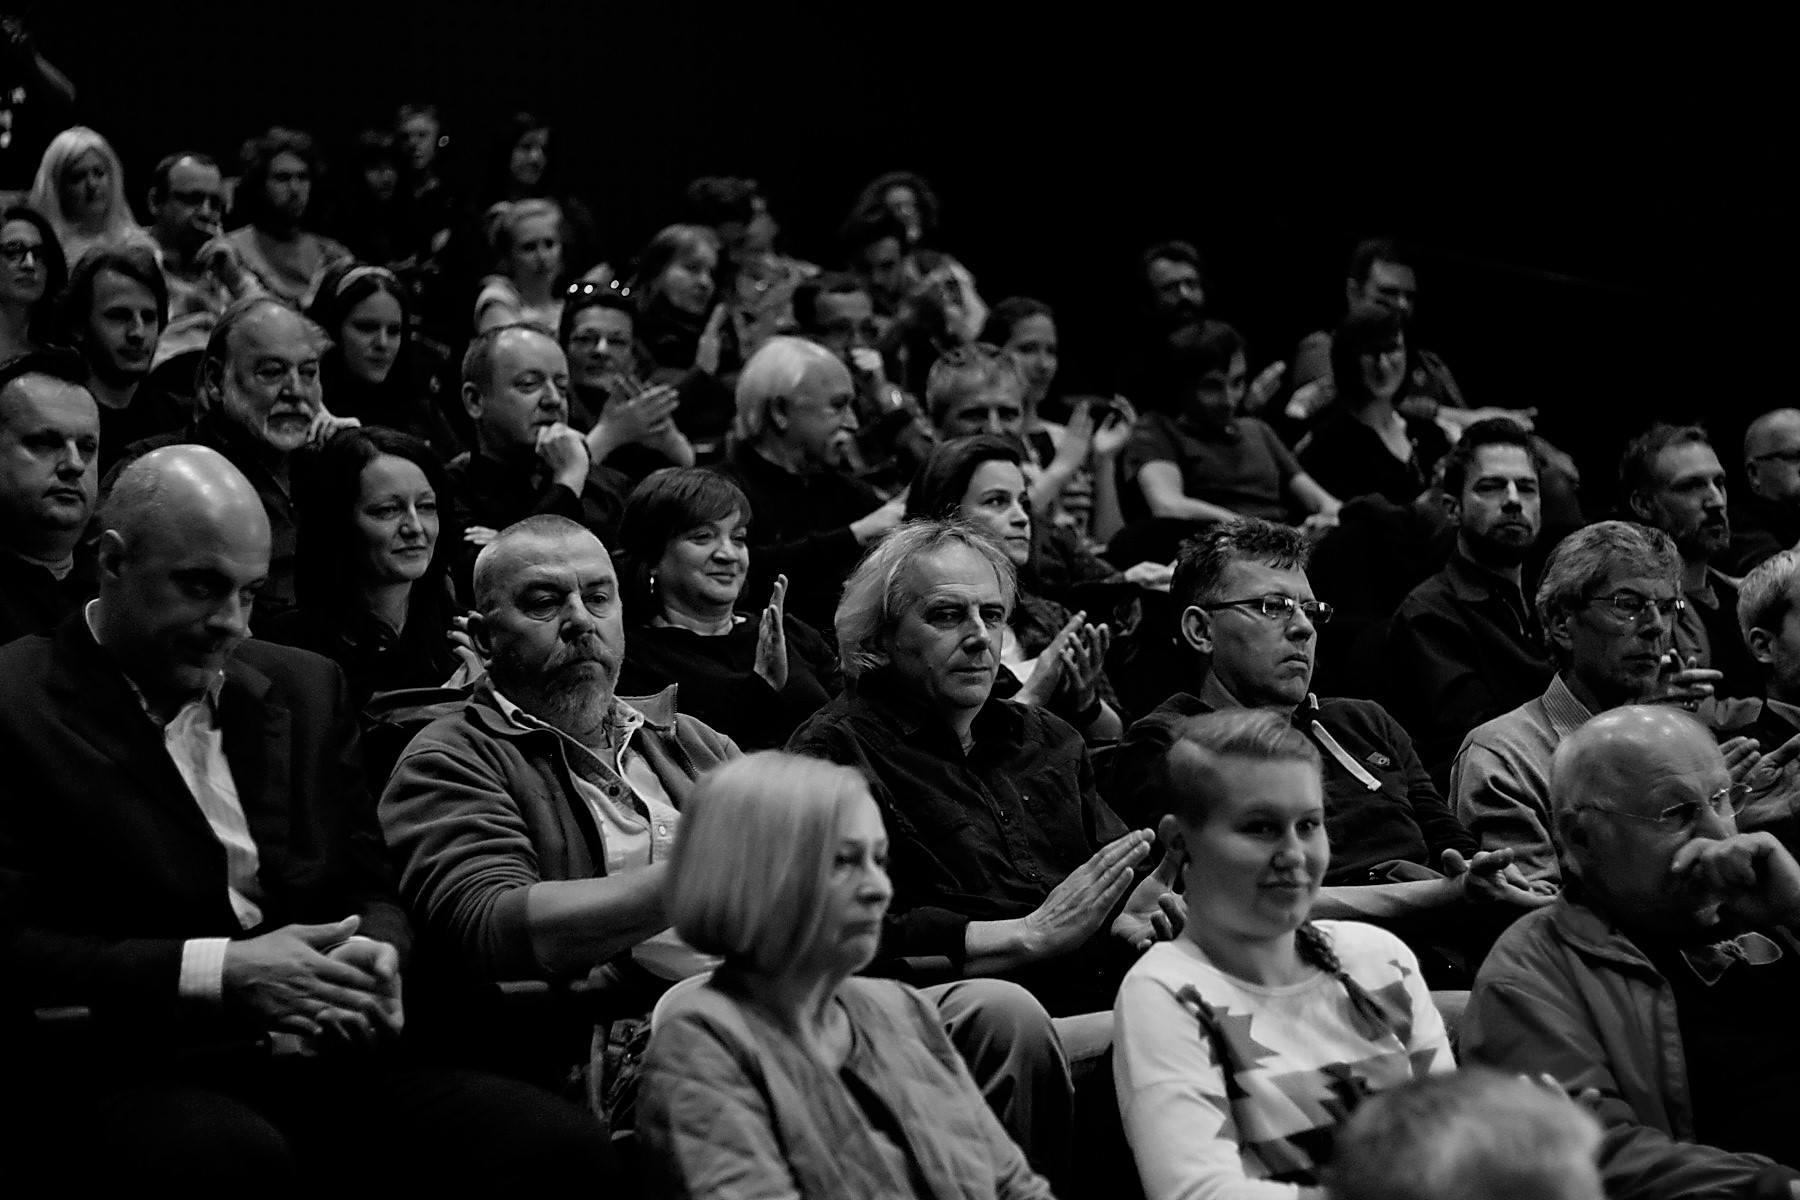 Mednarodni simpozij o restavriranju filmske dediščine @Slovenska kinoteka, 11.–12. 4. 2017